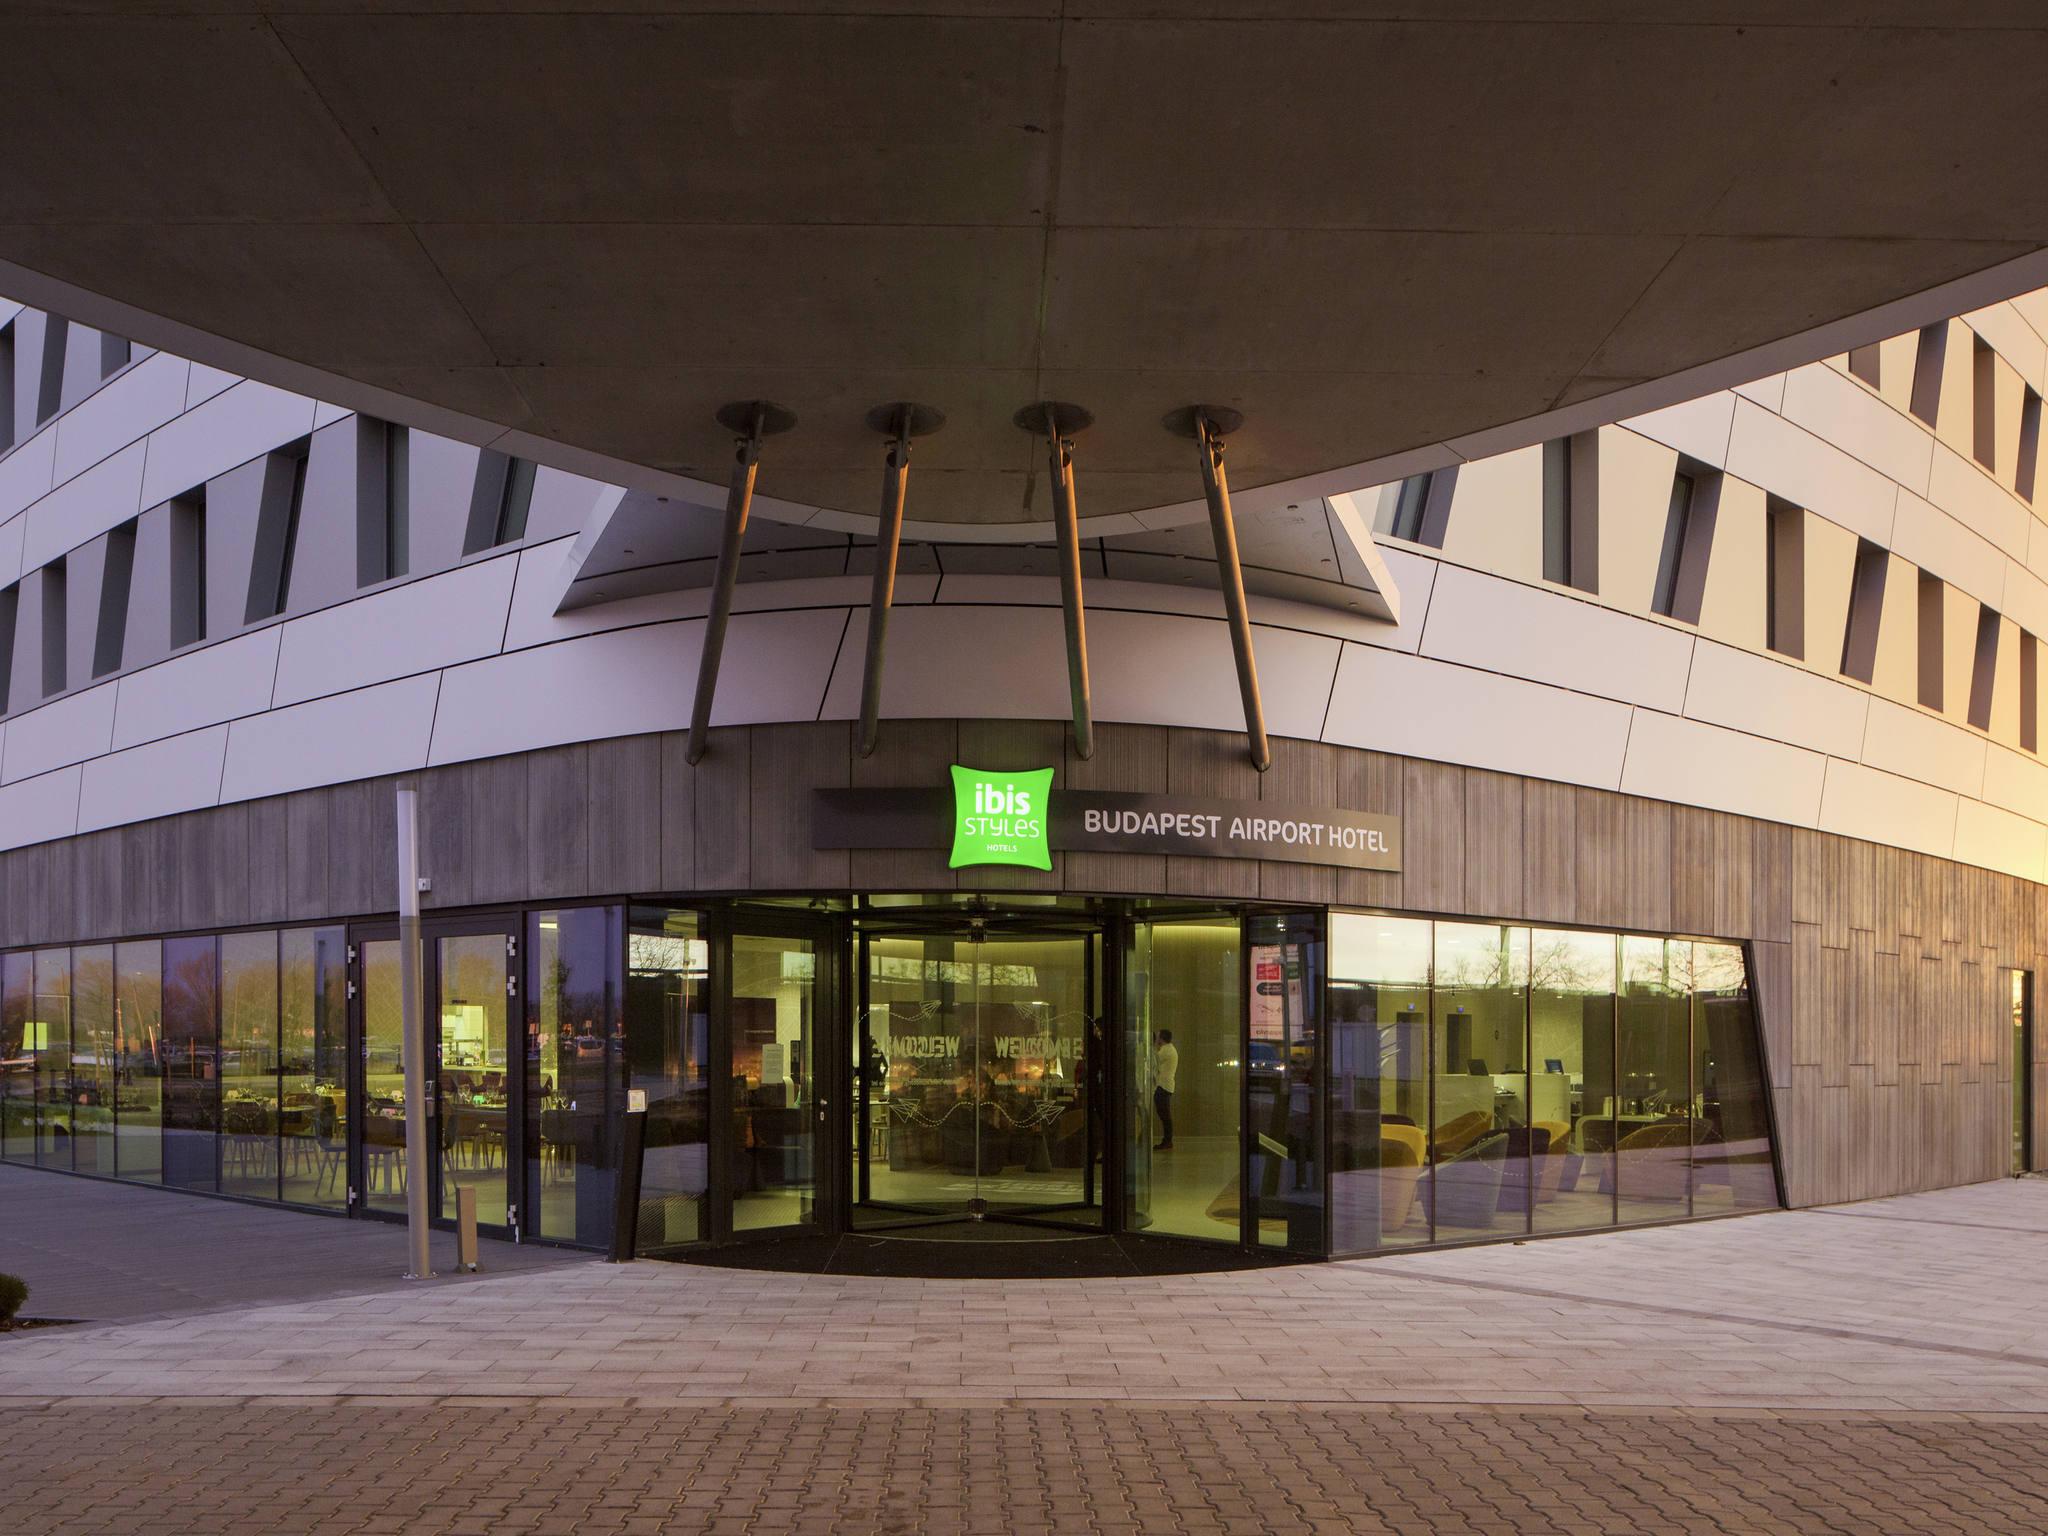 ホテル – イビス スタイルズ ブダペスト エアポート